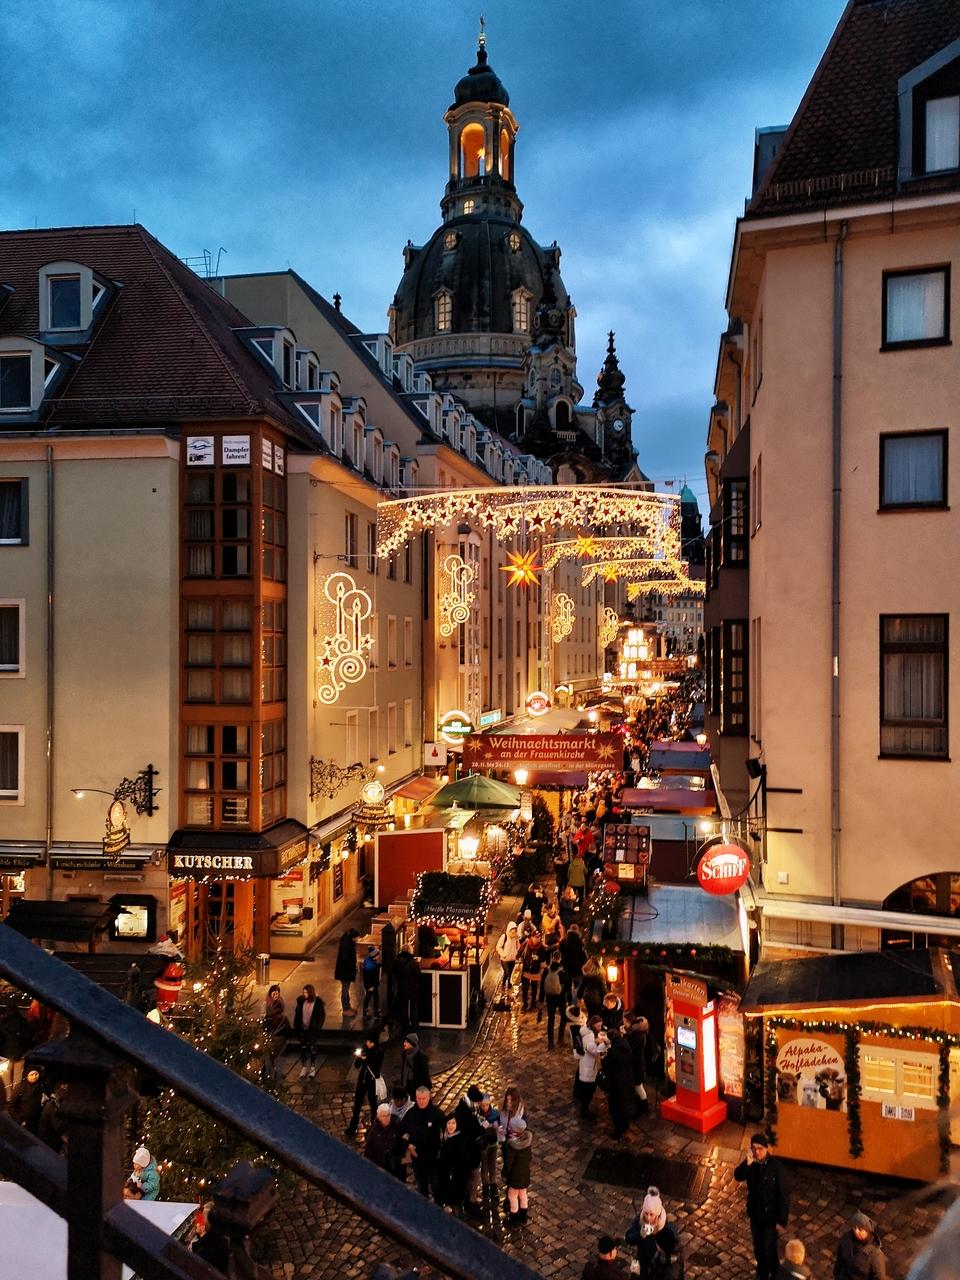 Kościół Marii Panny w Dreźnie i jarmark bożonarodzeniowy na jego tle. Taki widok zastaliśmy po wejściu na Tarasy Bruhla.